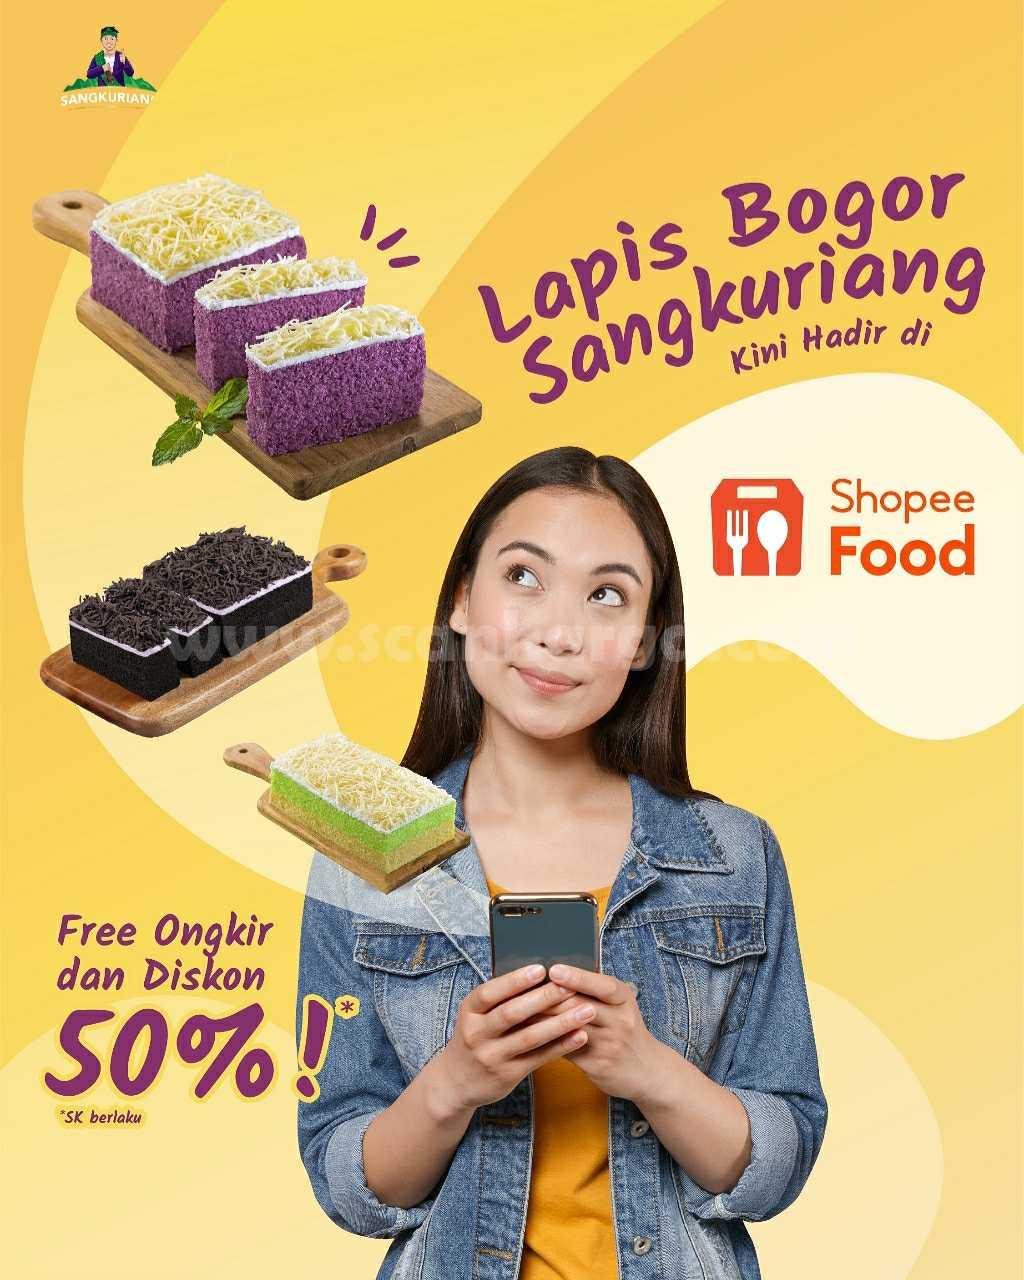 Promo Lapis Bogor Diskon 50% + Gratis Ongkir khusus pemesanan via ShopeeFood